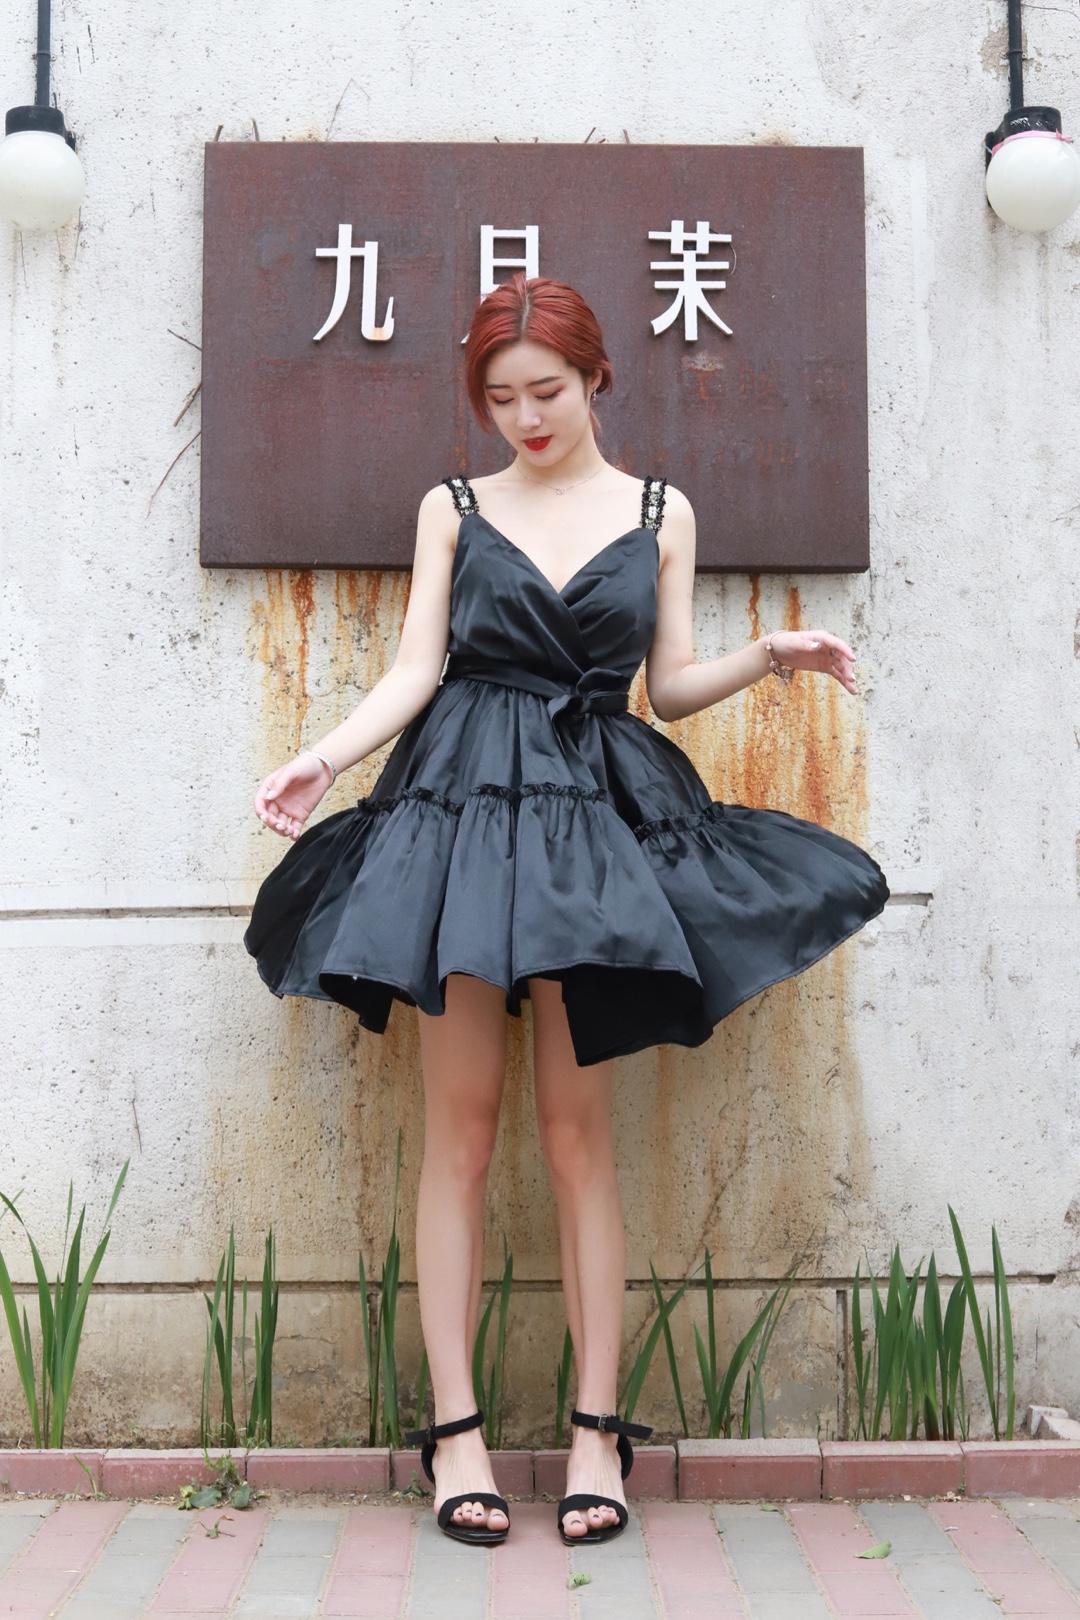 要说最最百搭的又很难搭配失误的颜色,必定是经典的黑色了。黑色的确是一种经得起时间考验的颜色,在时尚界从未 out 过,而数到每个女生衣柜必备的黑色时尚单品,当然是经典不败的小黑裙Little Black Dress!#心机显瘦LOOK,稳坐朋友圈C位# 一件小黑裙,永远不显过度打扮,也不至疏忽打扮。露出精致的锁骨 展现出女性的独特魅力 再搭配一双黑色高跟鞋 简直就是美不胜收